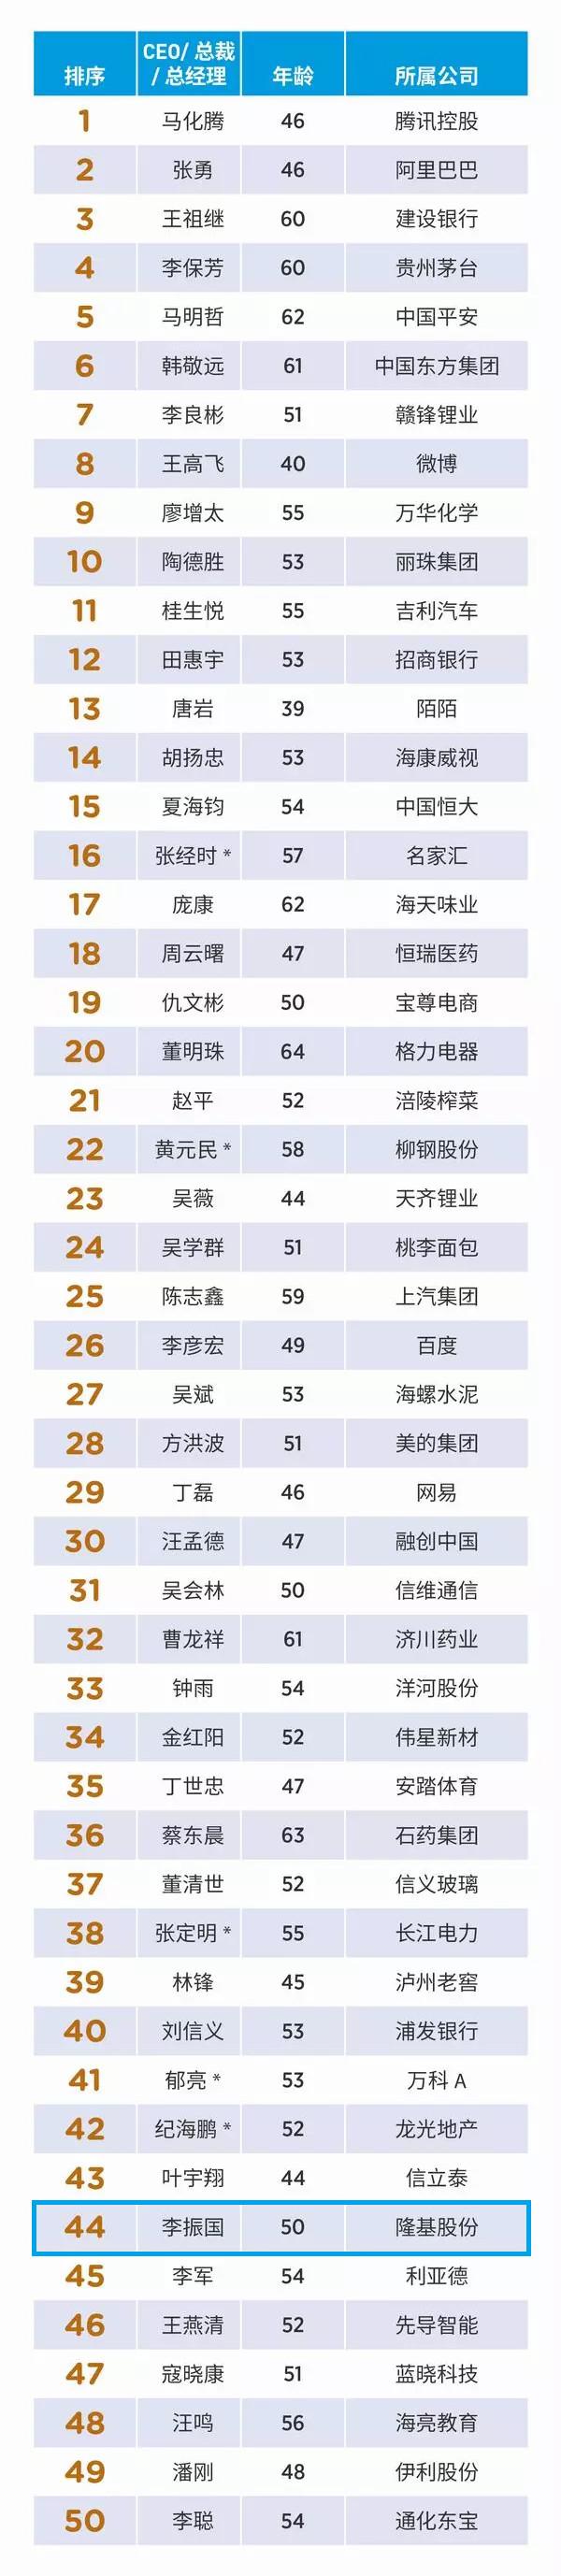 隆基股份总裁入选福布斯2018中国上市公司50位最佳CEO榜